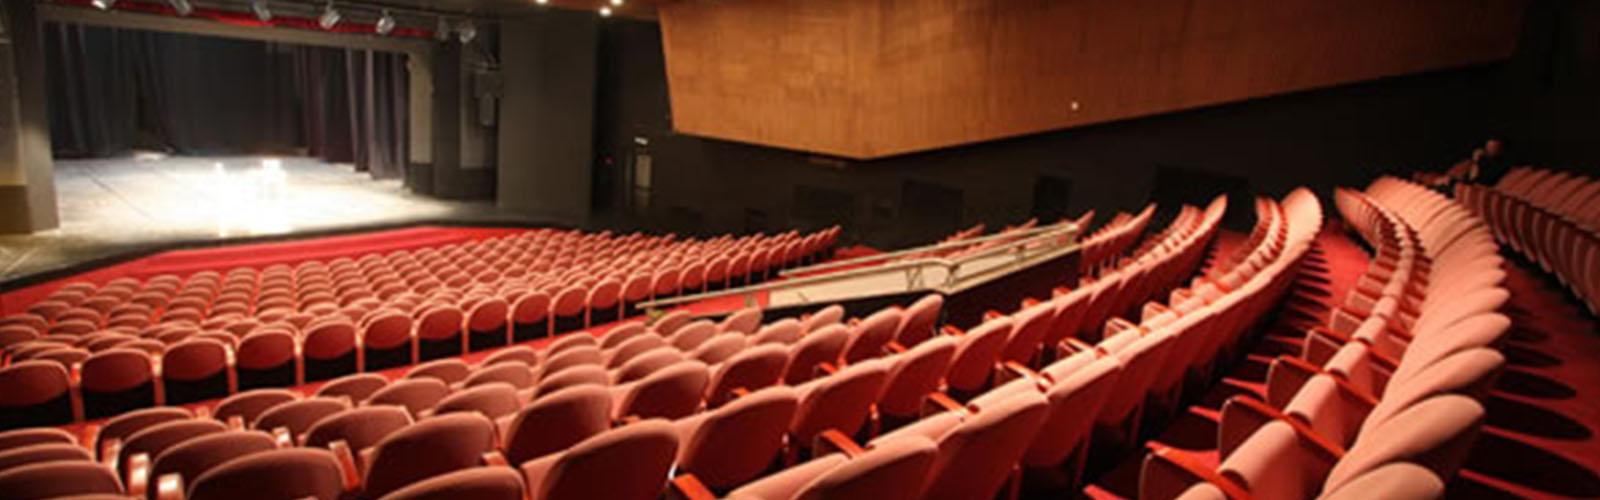 Concierge Belgrade   Beogradsko dramsko pozorište